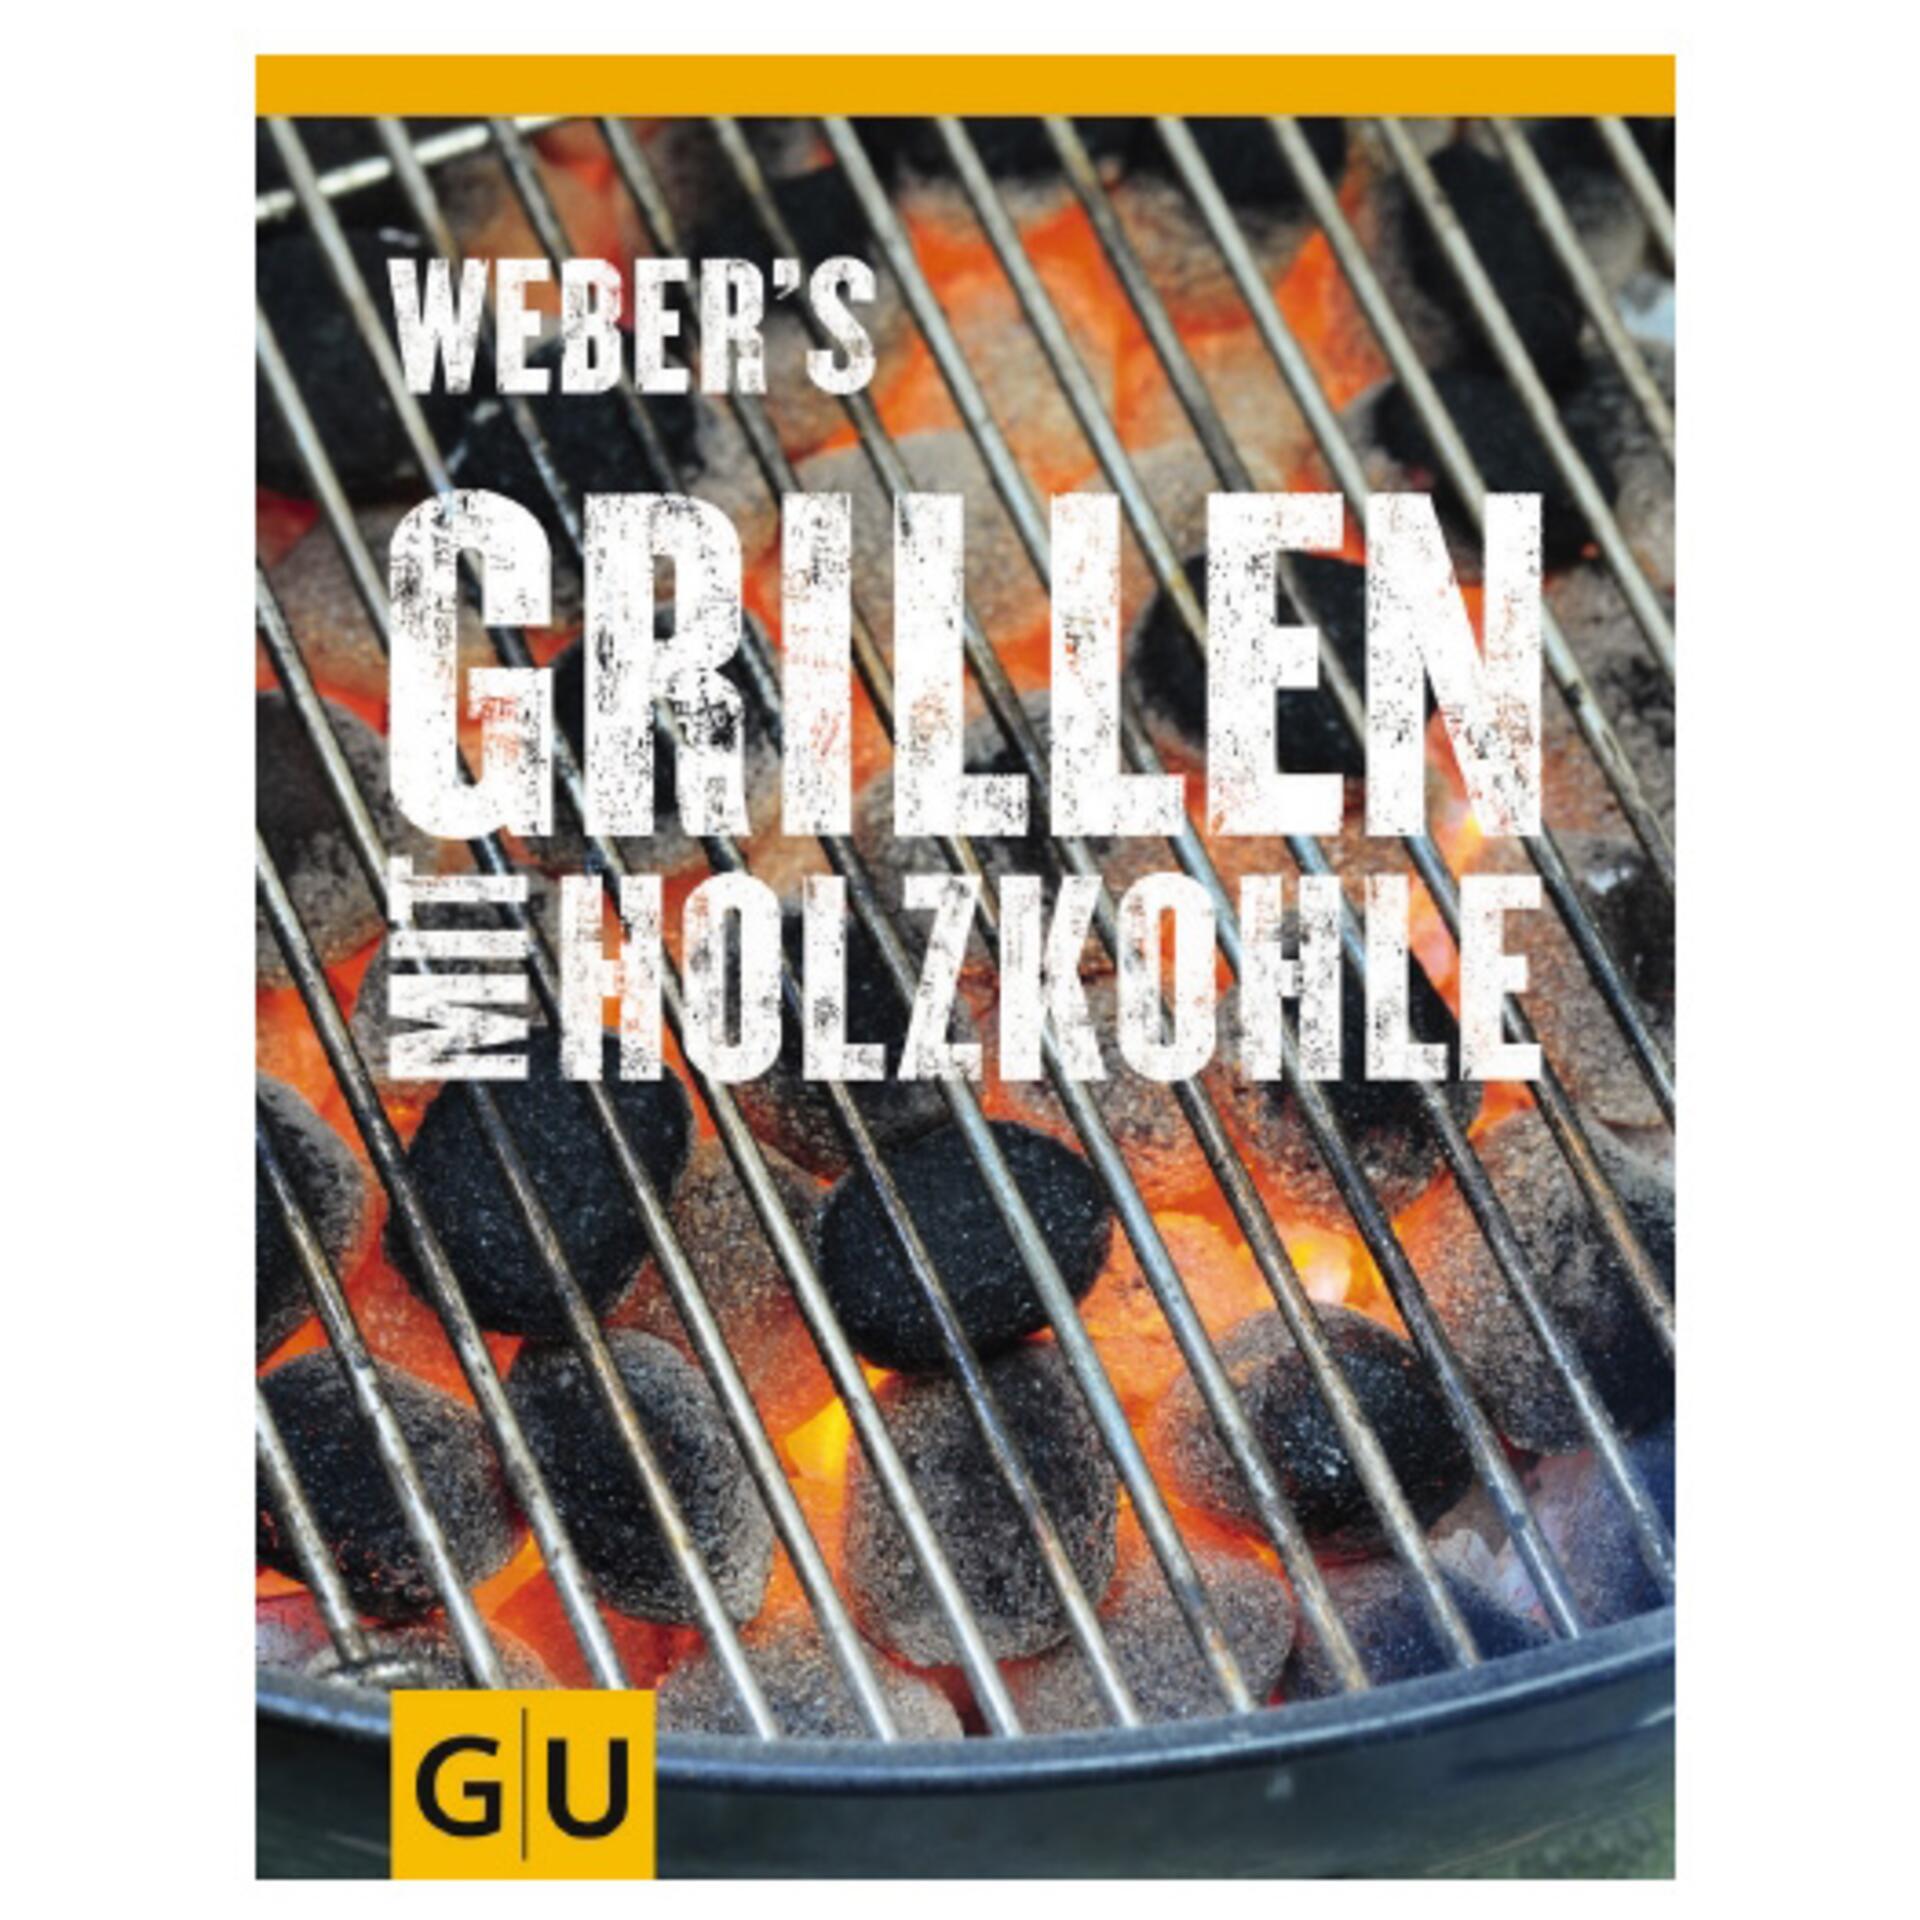 Weber's Grillen mit Holzkohle 15812